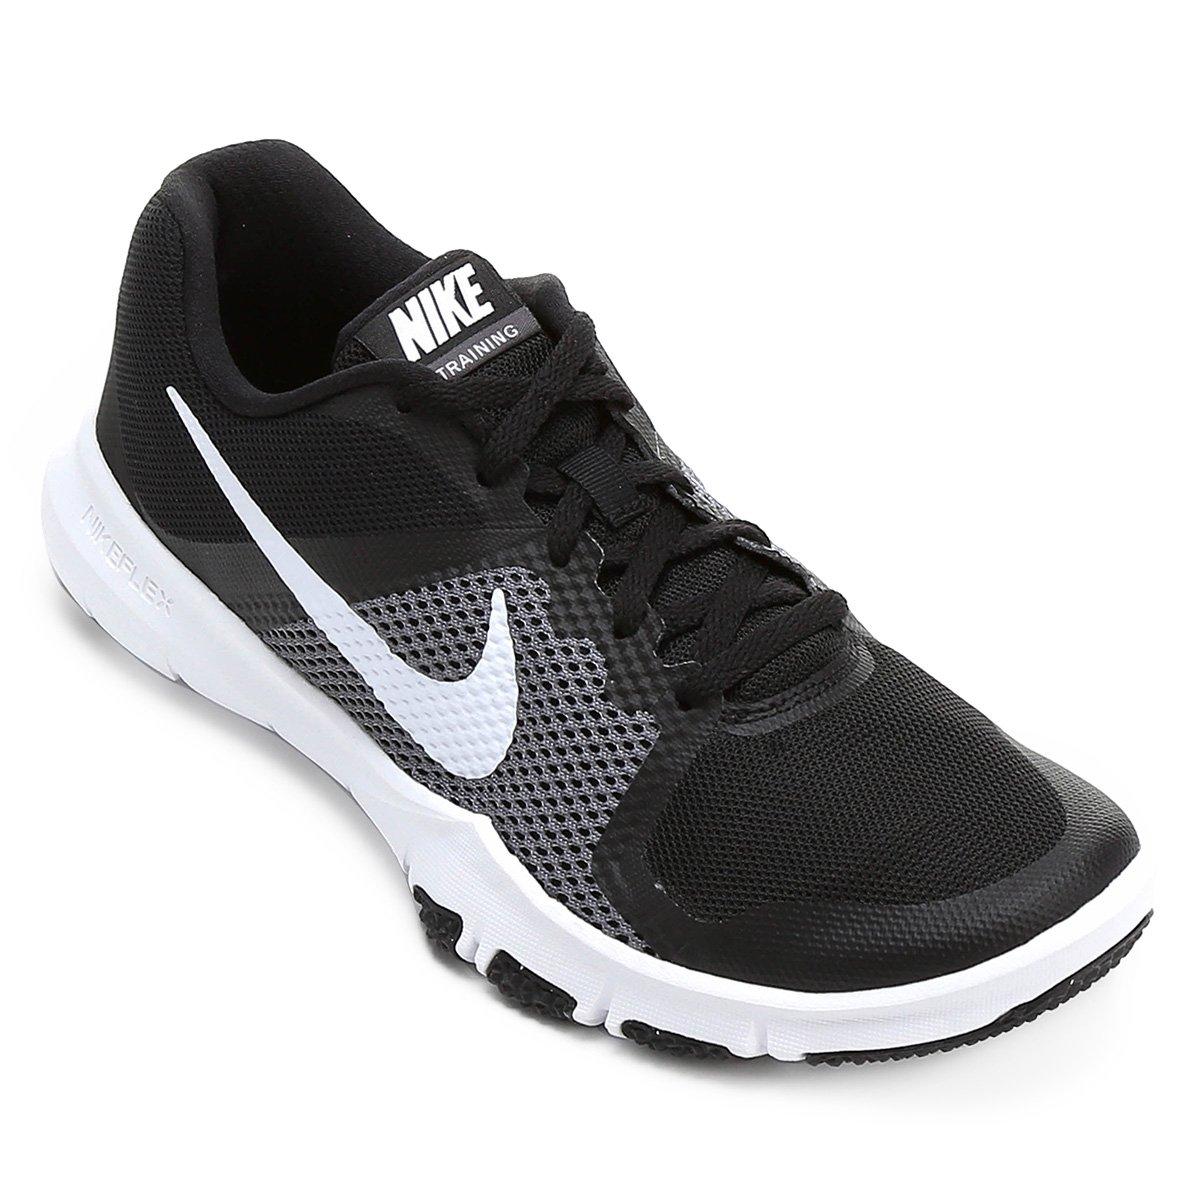 4e925ea7ad9d2 Tênis Nike Flex Control Masculino   Shop Timão